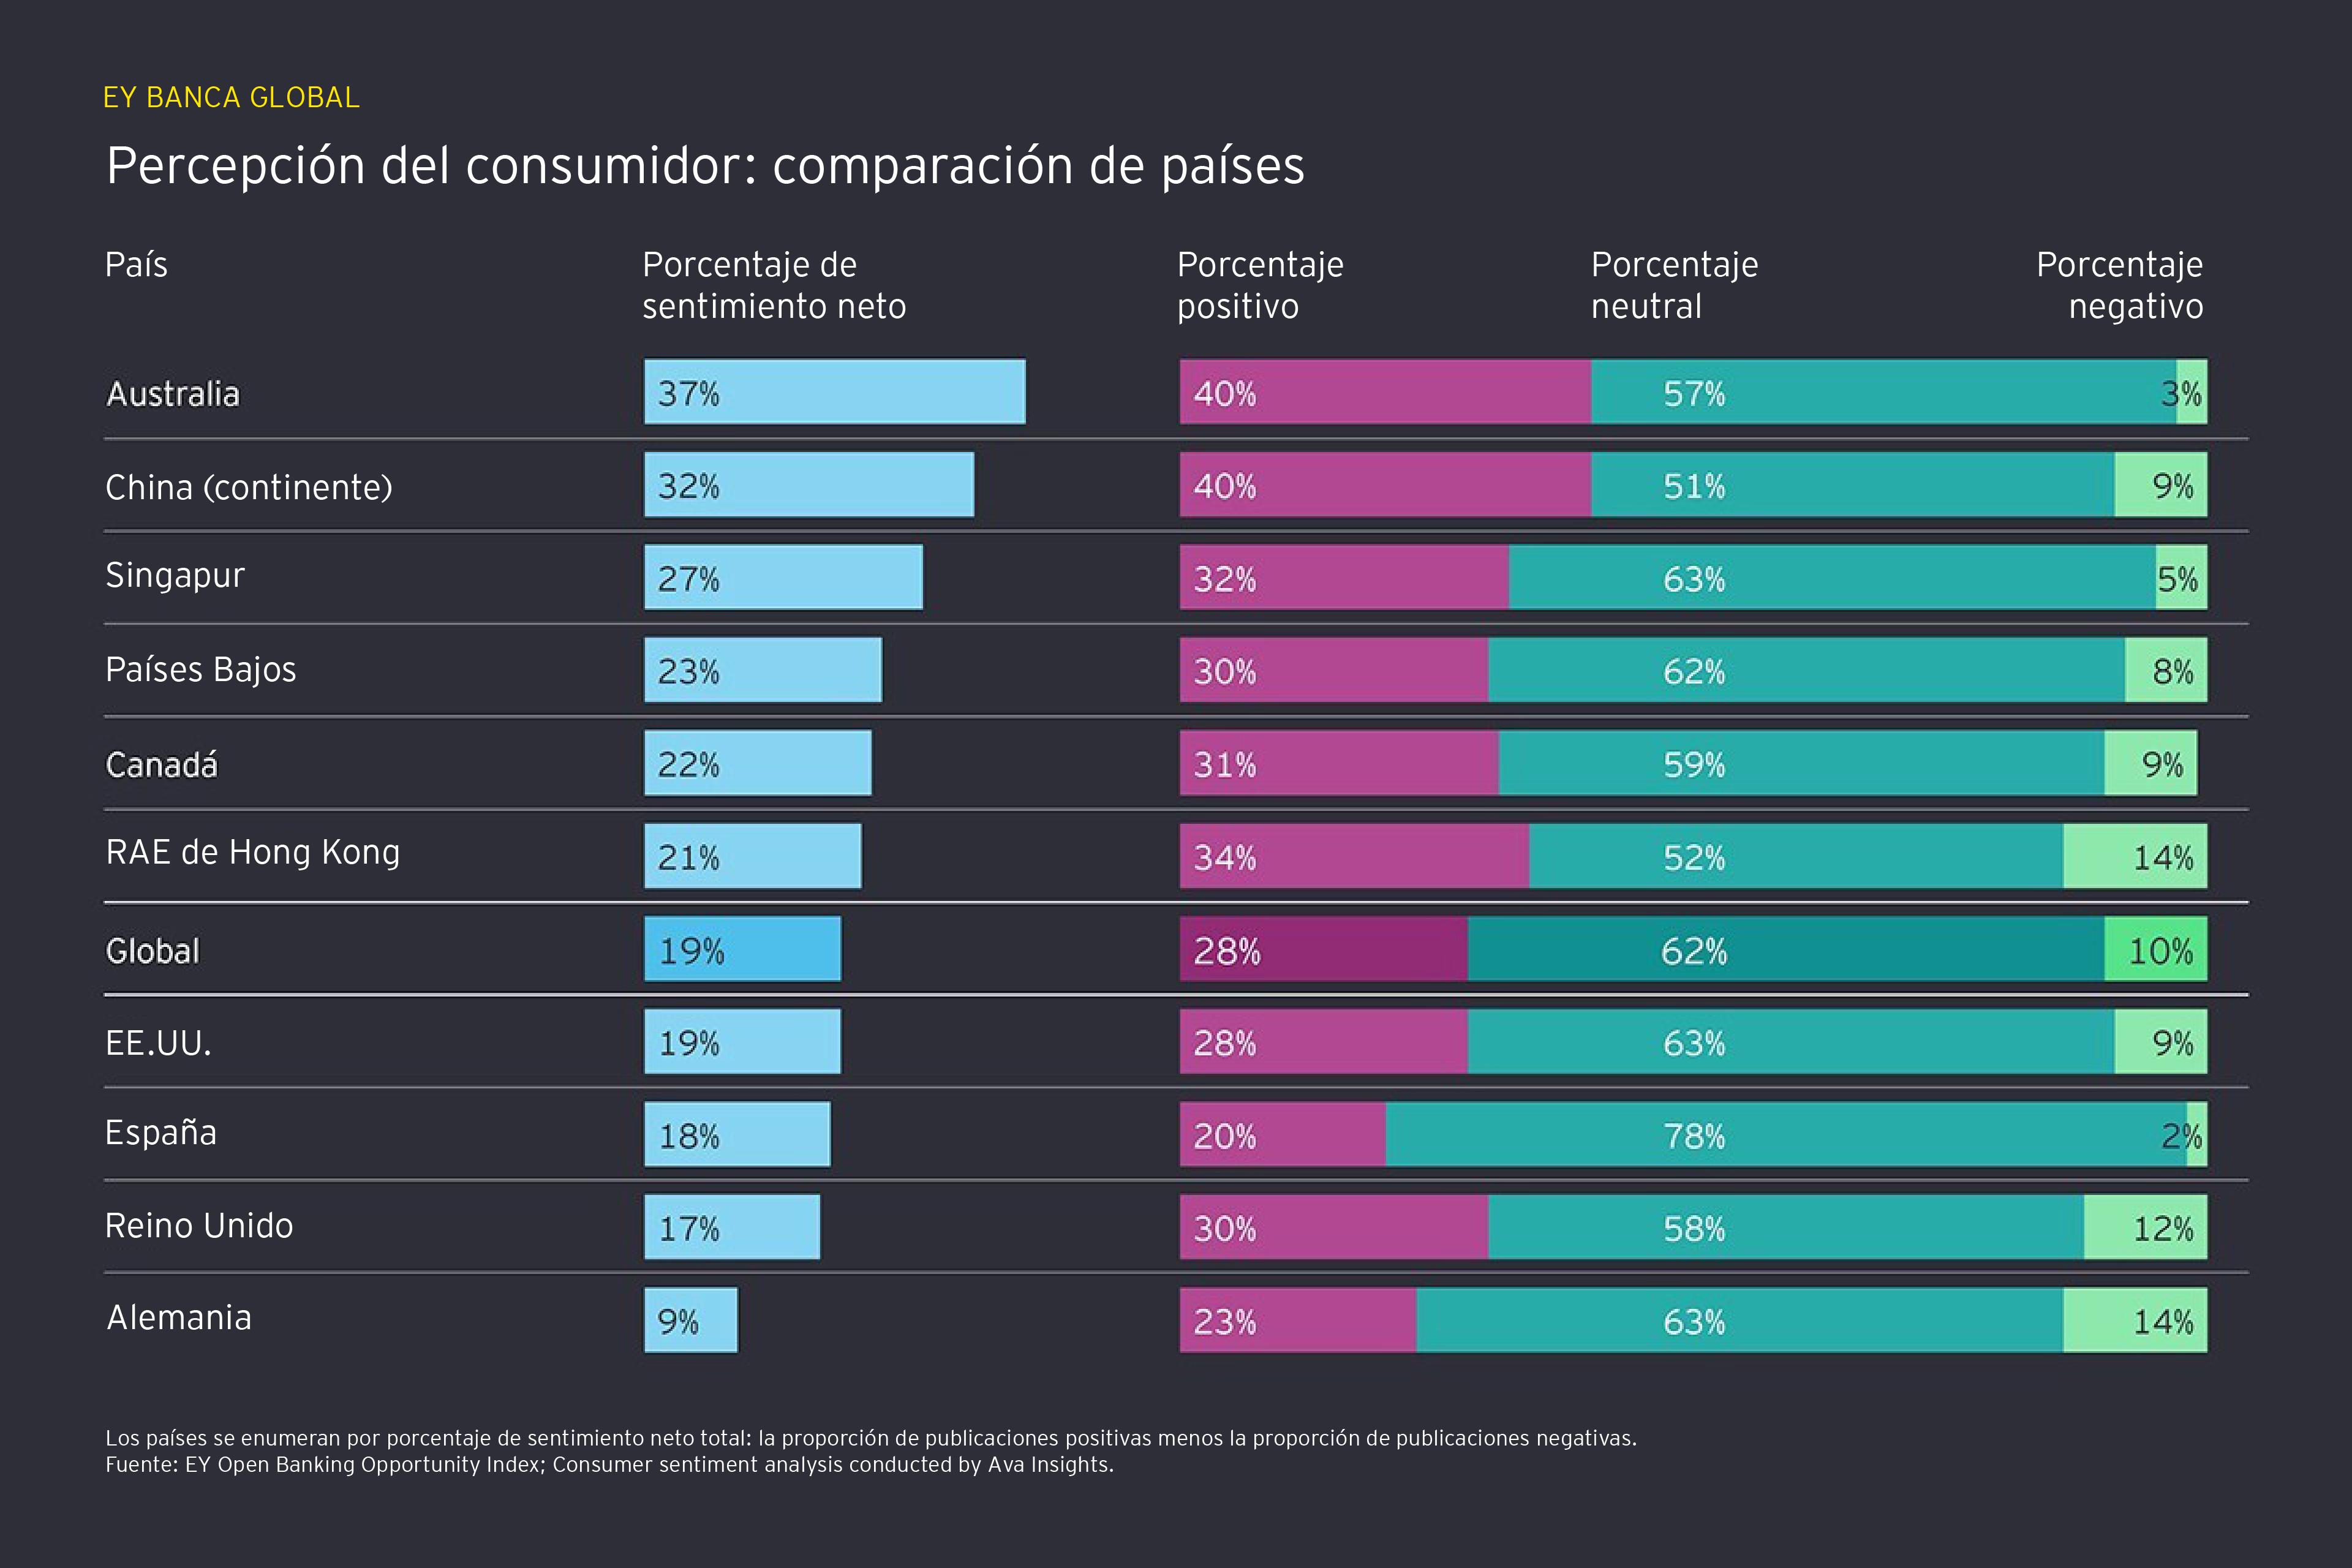 Comparación de las percepciones de sentimiento de los consumidores entre países